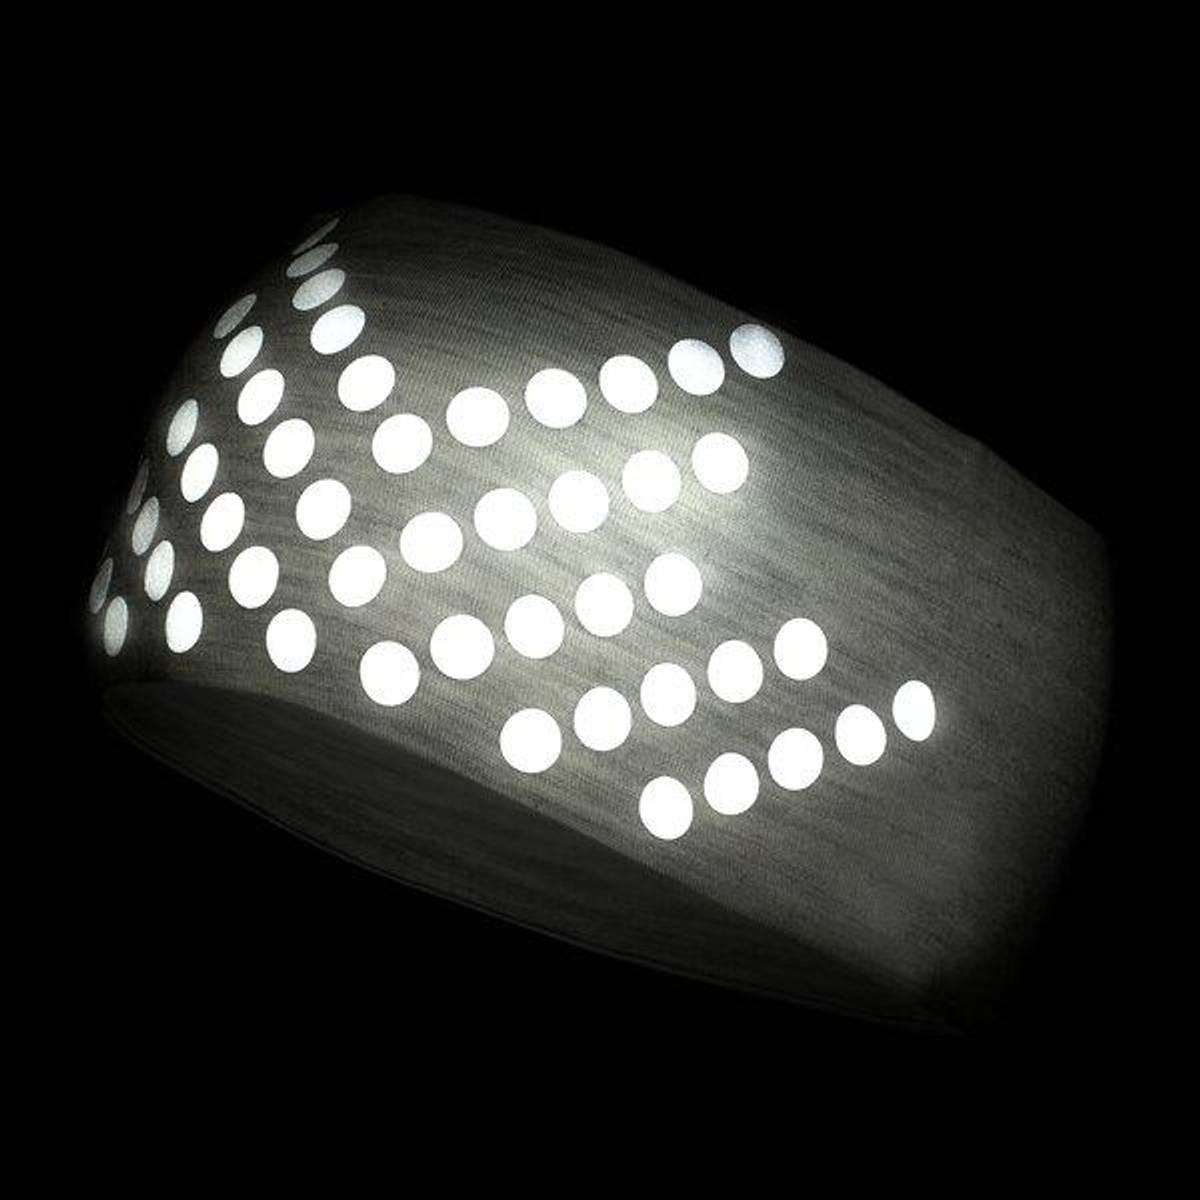 Morild Sølvfaks pannebånd med refleks, lys grå